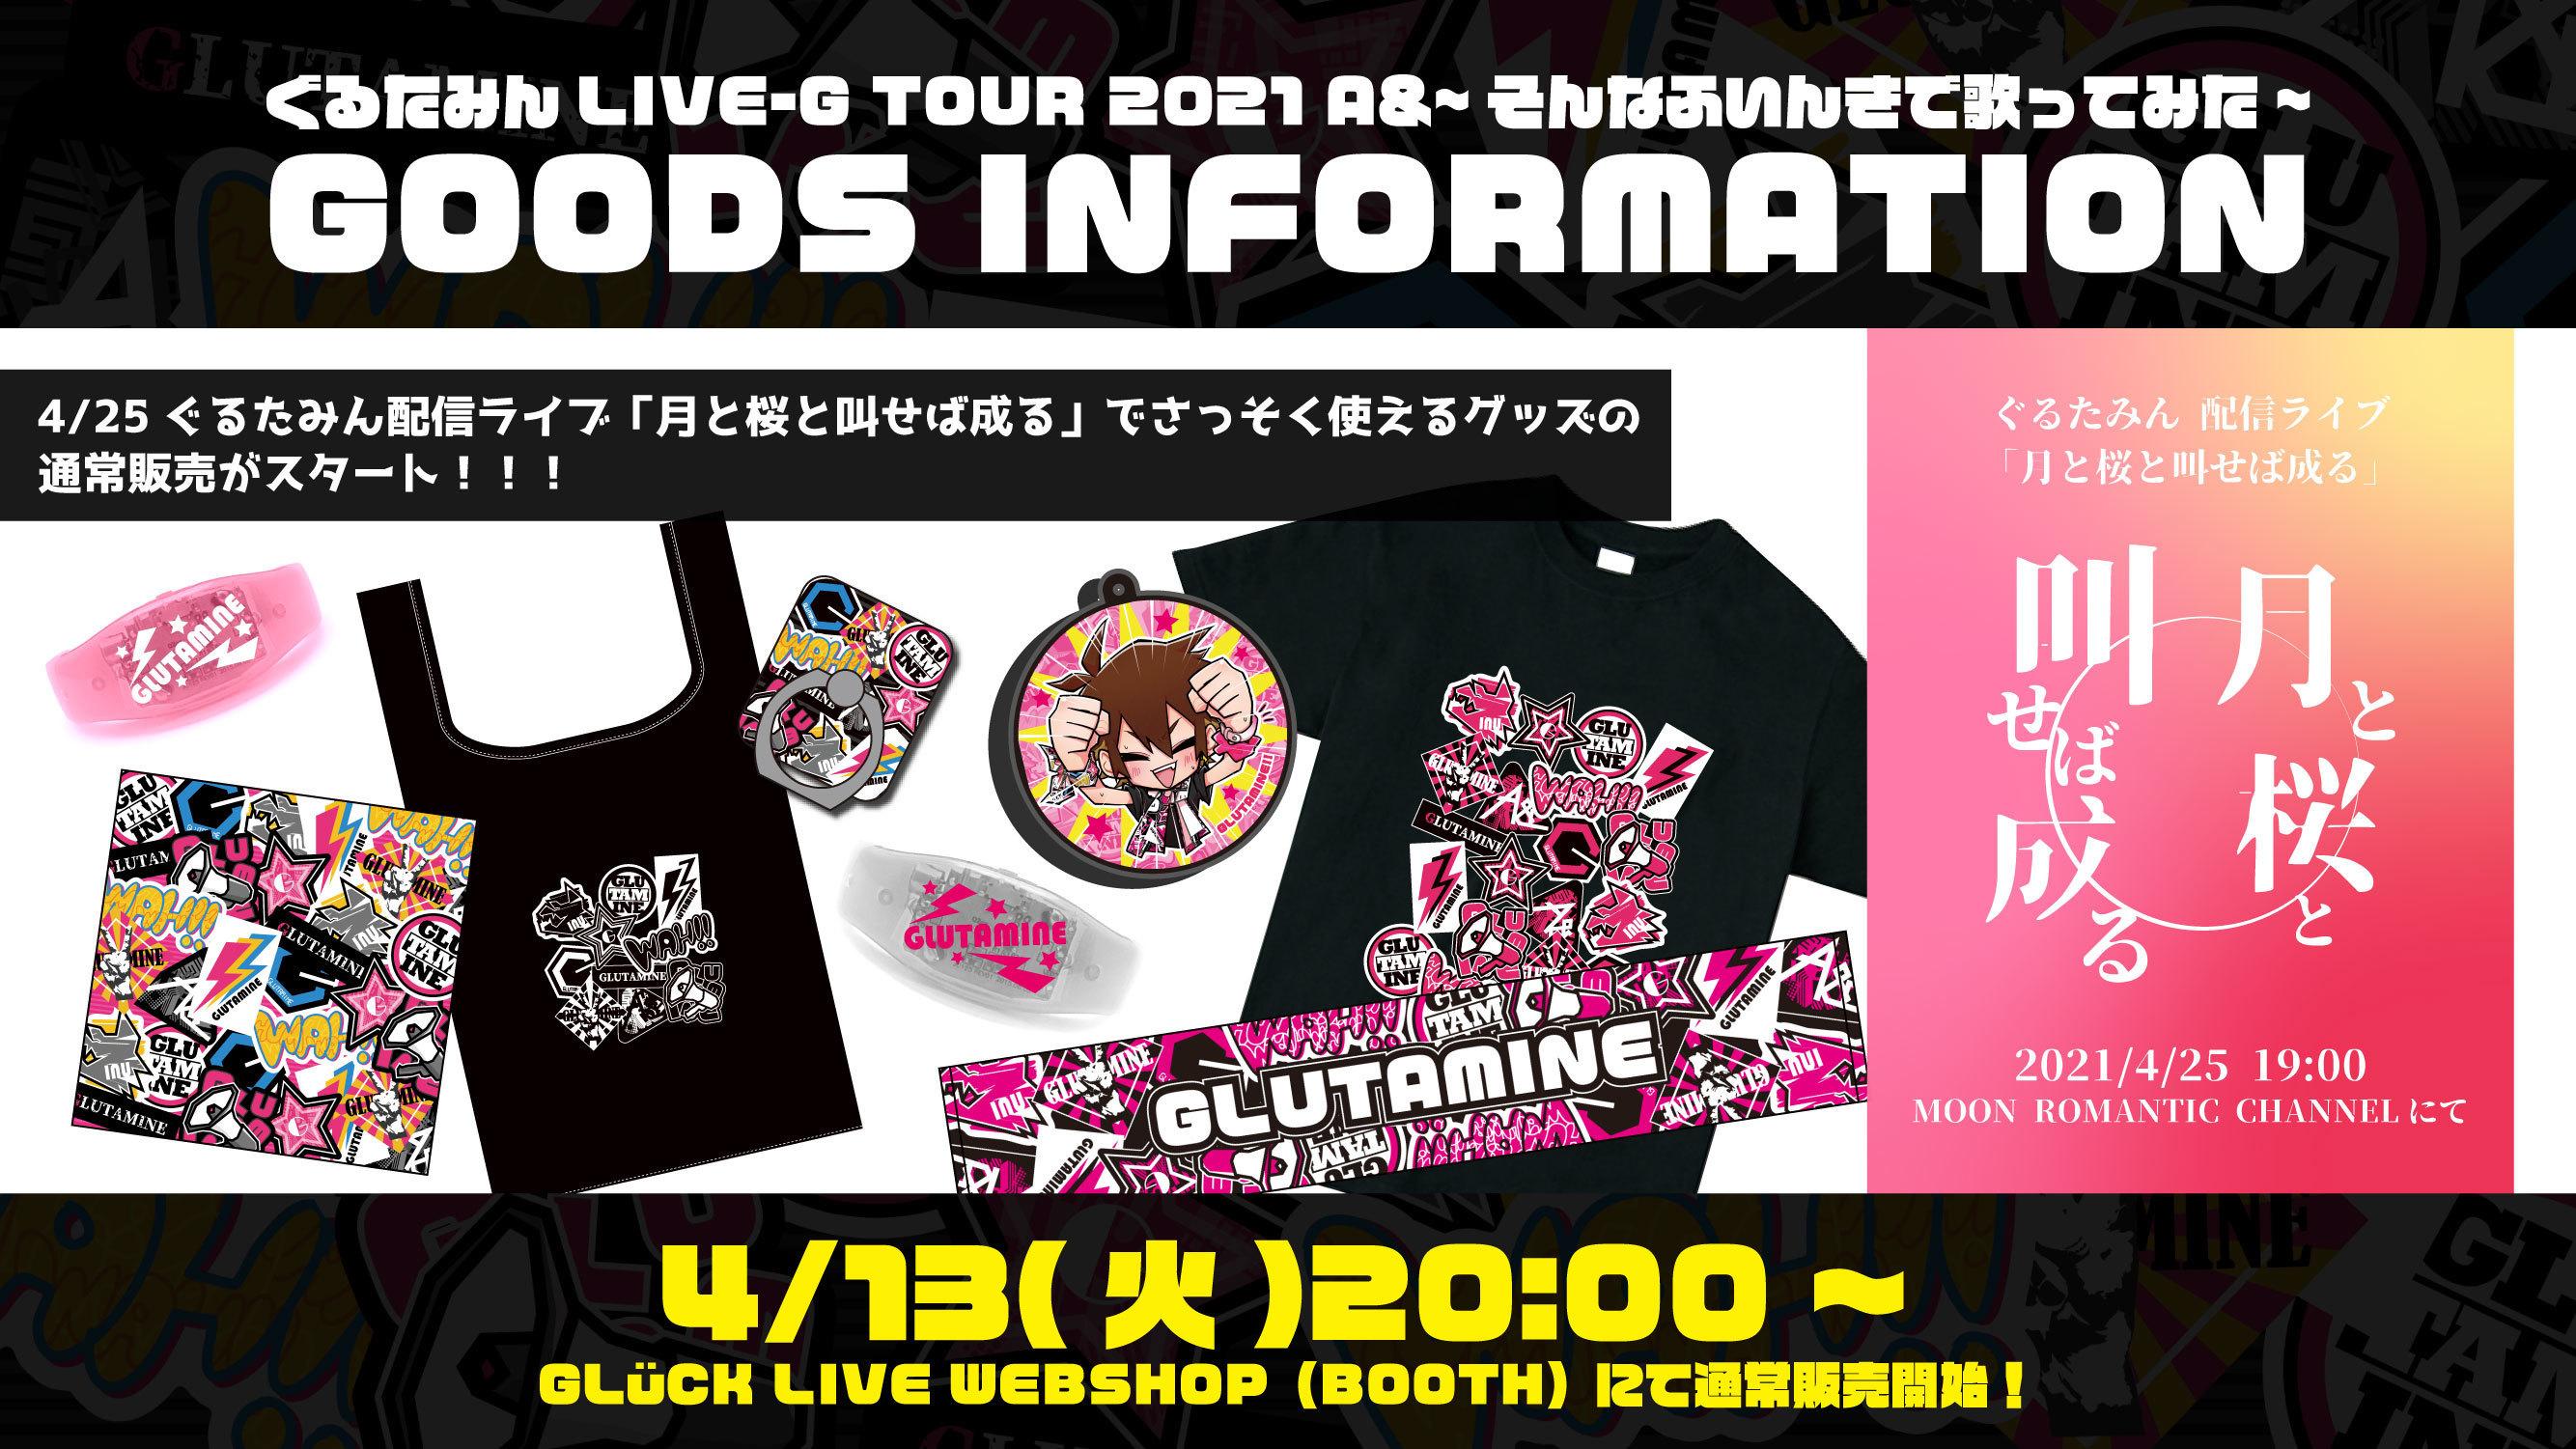 LIVE-G TOUR 2021グッズ通常販売